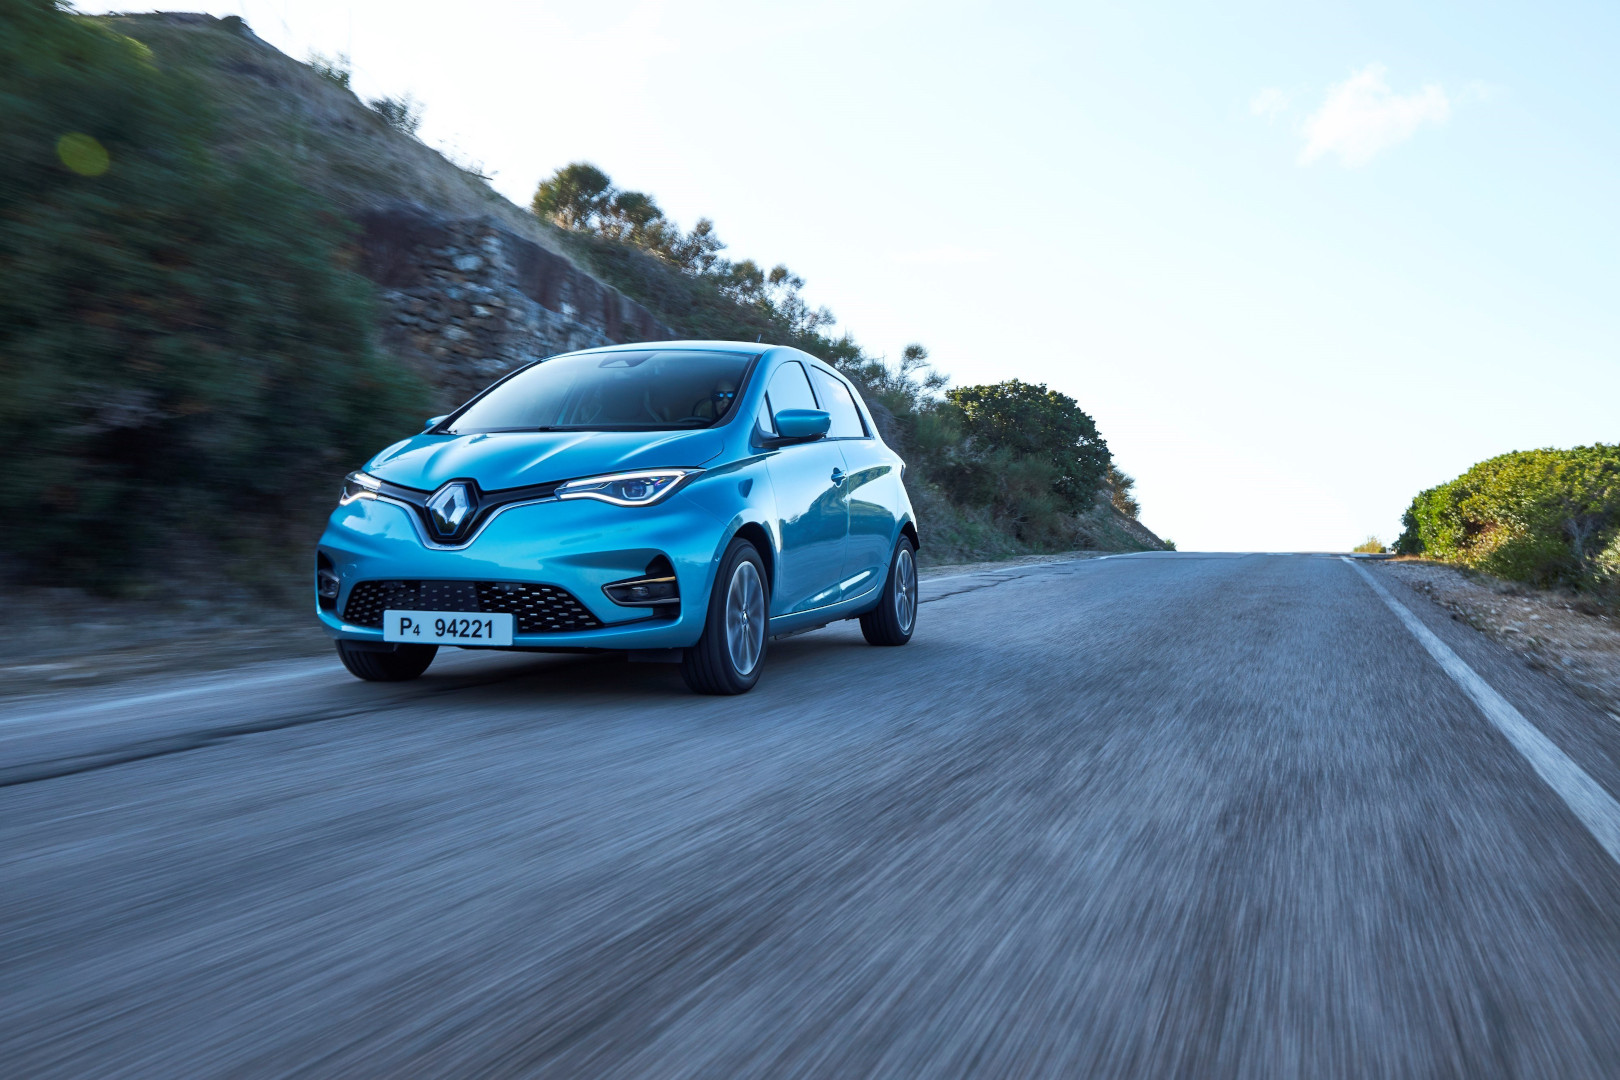 Renault lancia, in Francia, la prima città con il cento per cento di veicoli elettrici: è la cittadina di Appy, in Occitania